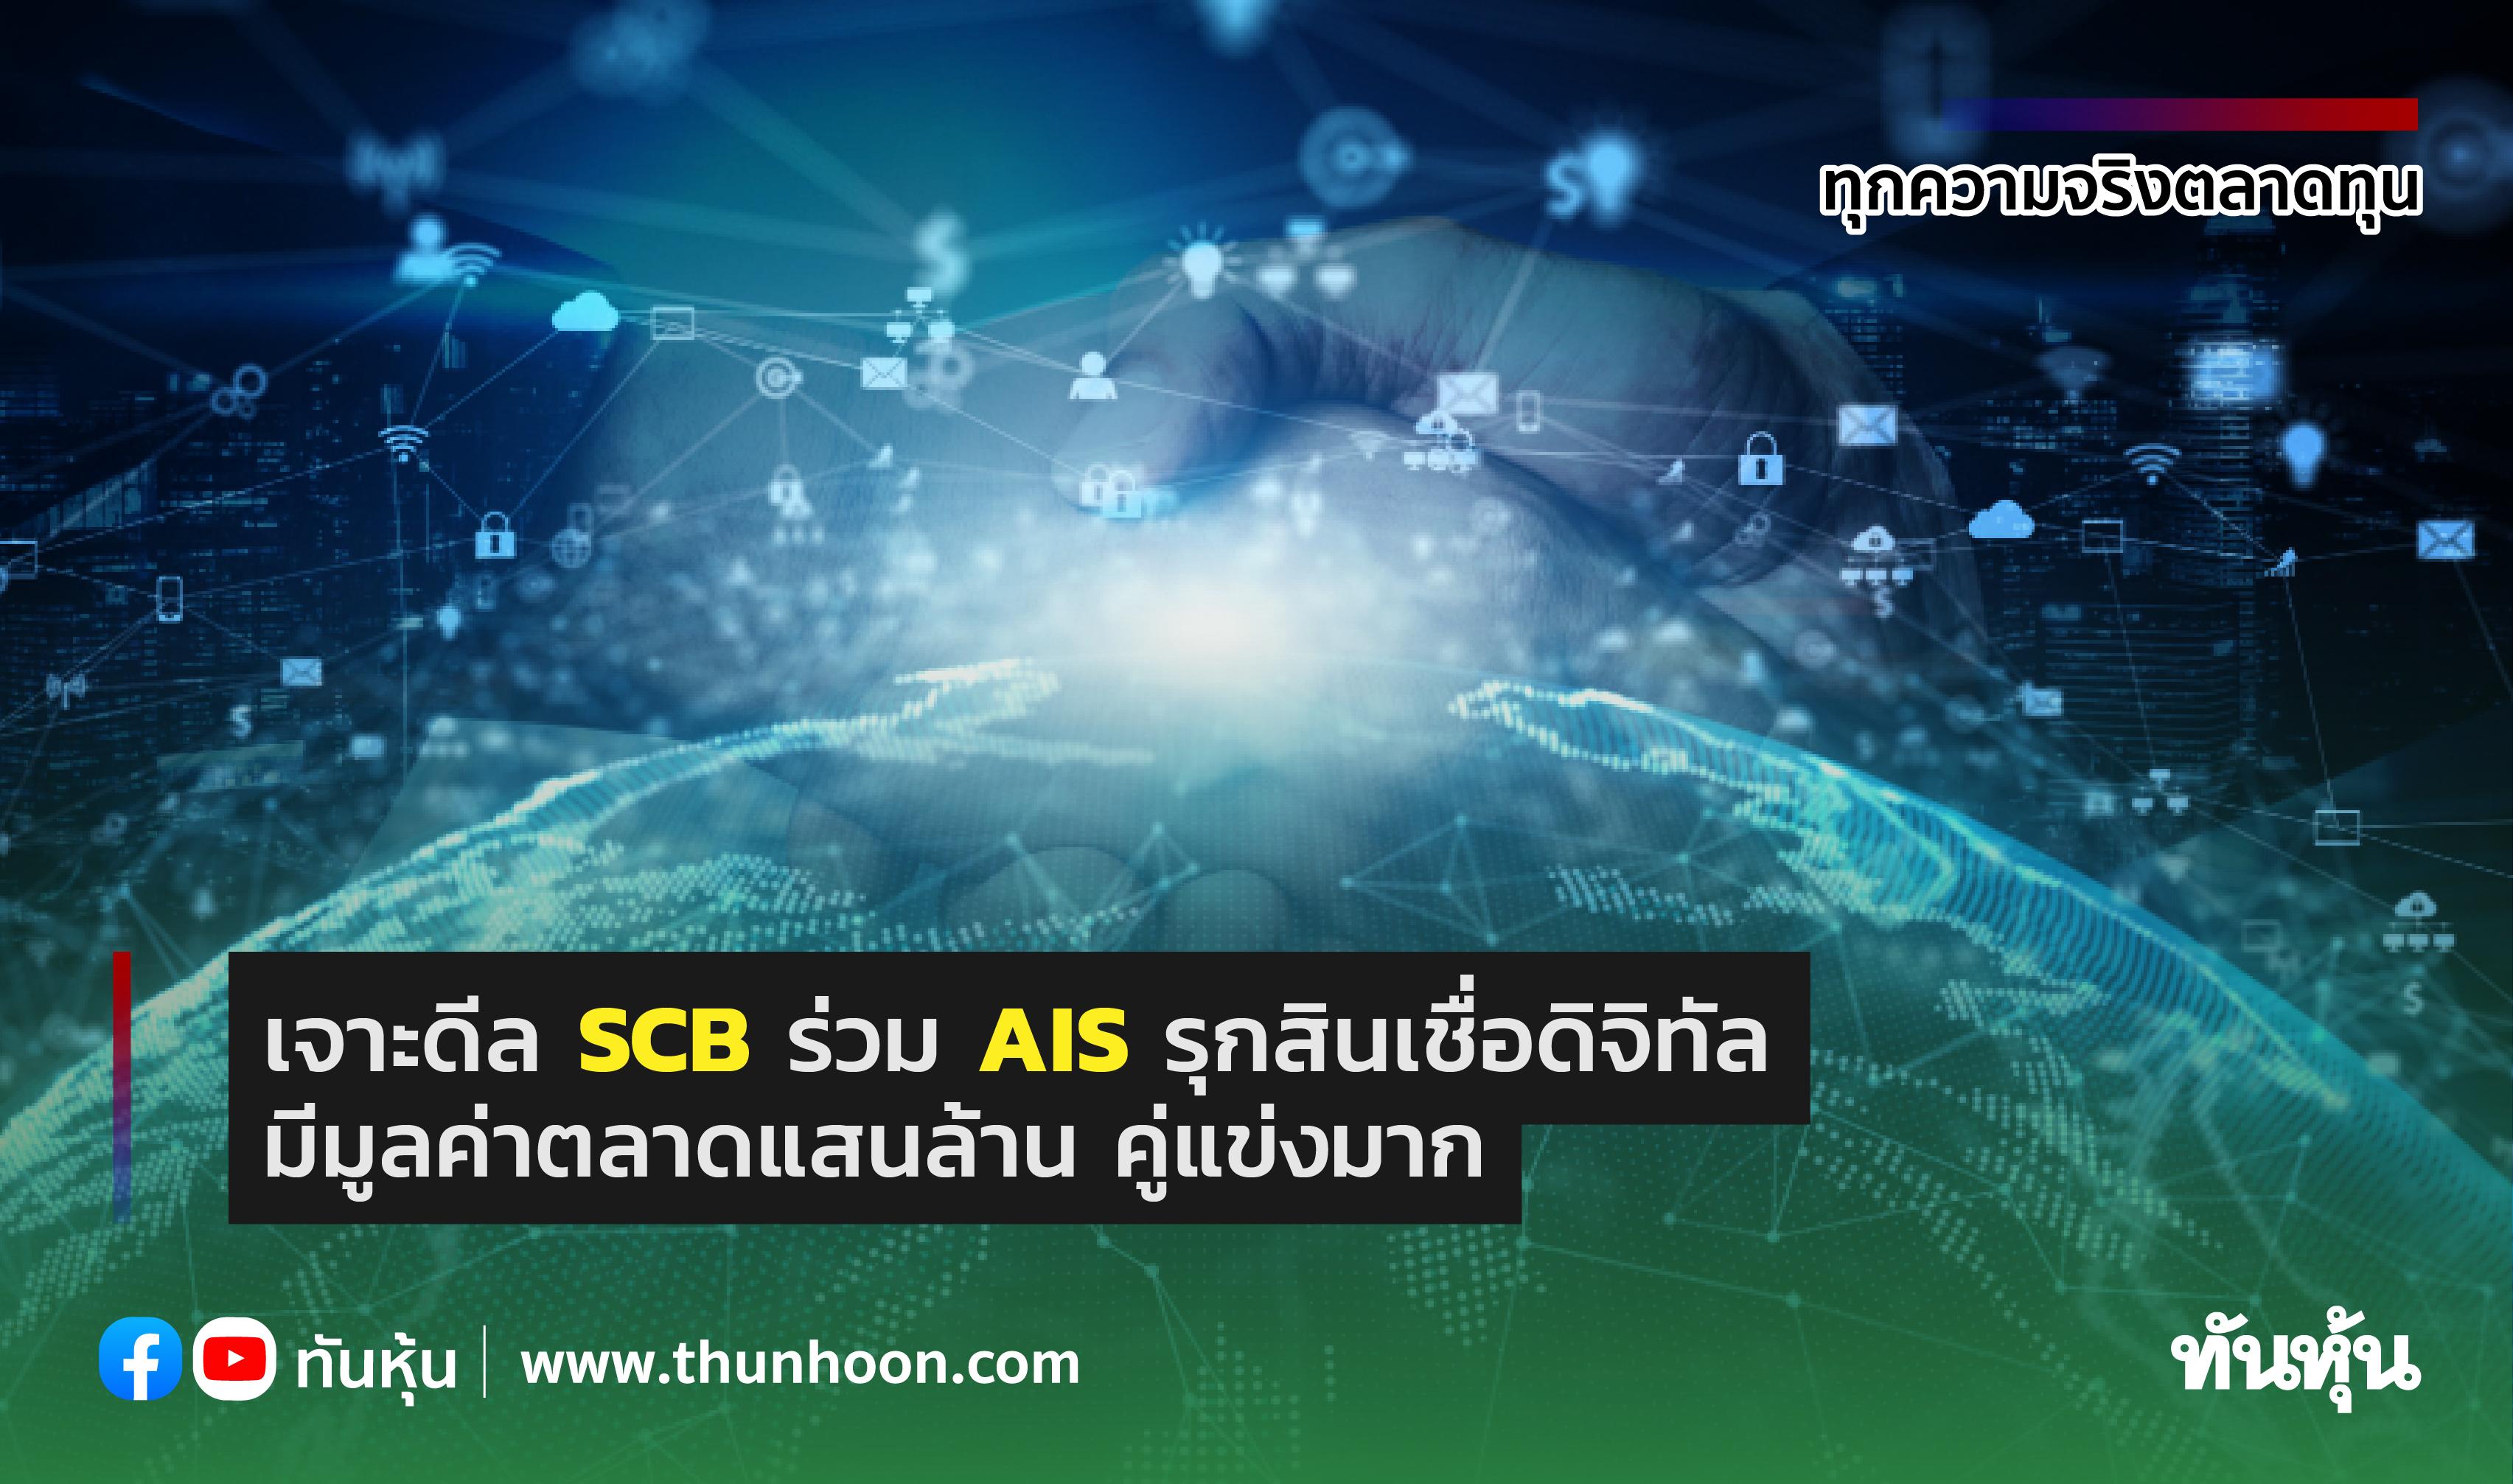 เจาะดีล SCB ร่วม AIS รุกสินเชื่อดิจิทัล มีมูลค่าตลาดแสนล้าน คู่แข่งมาก